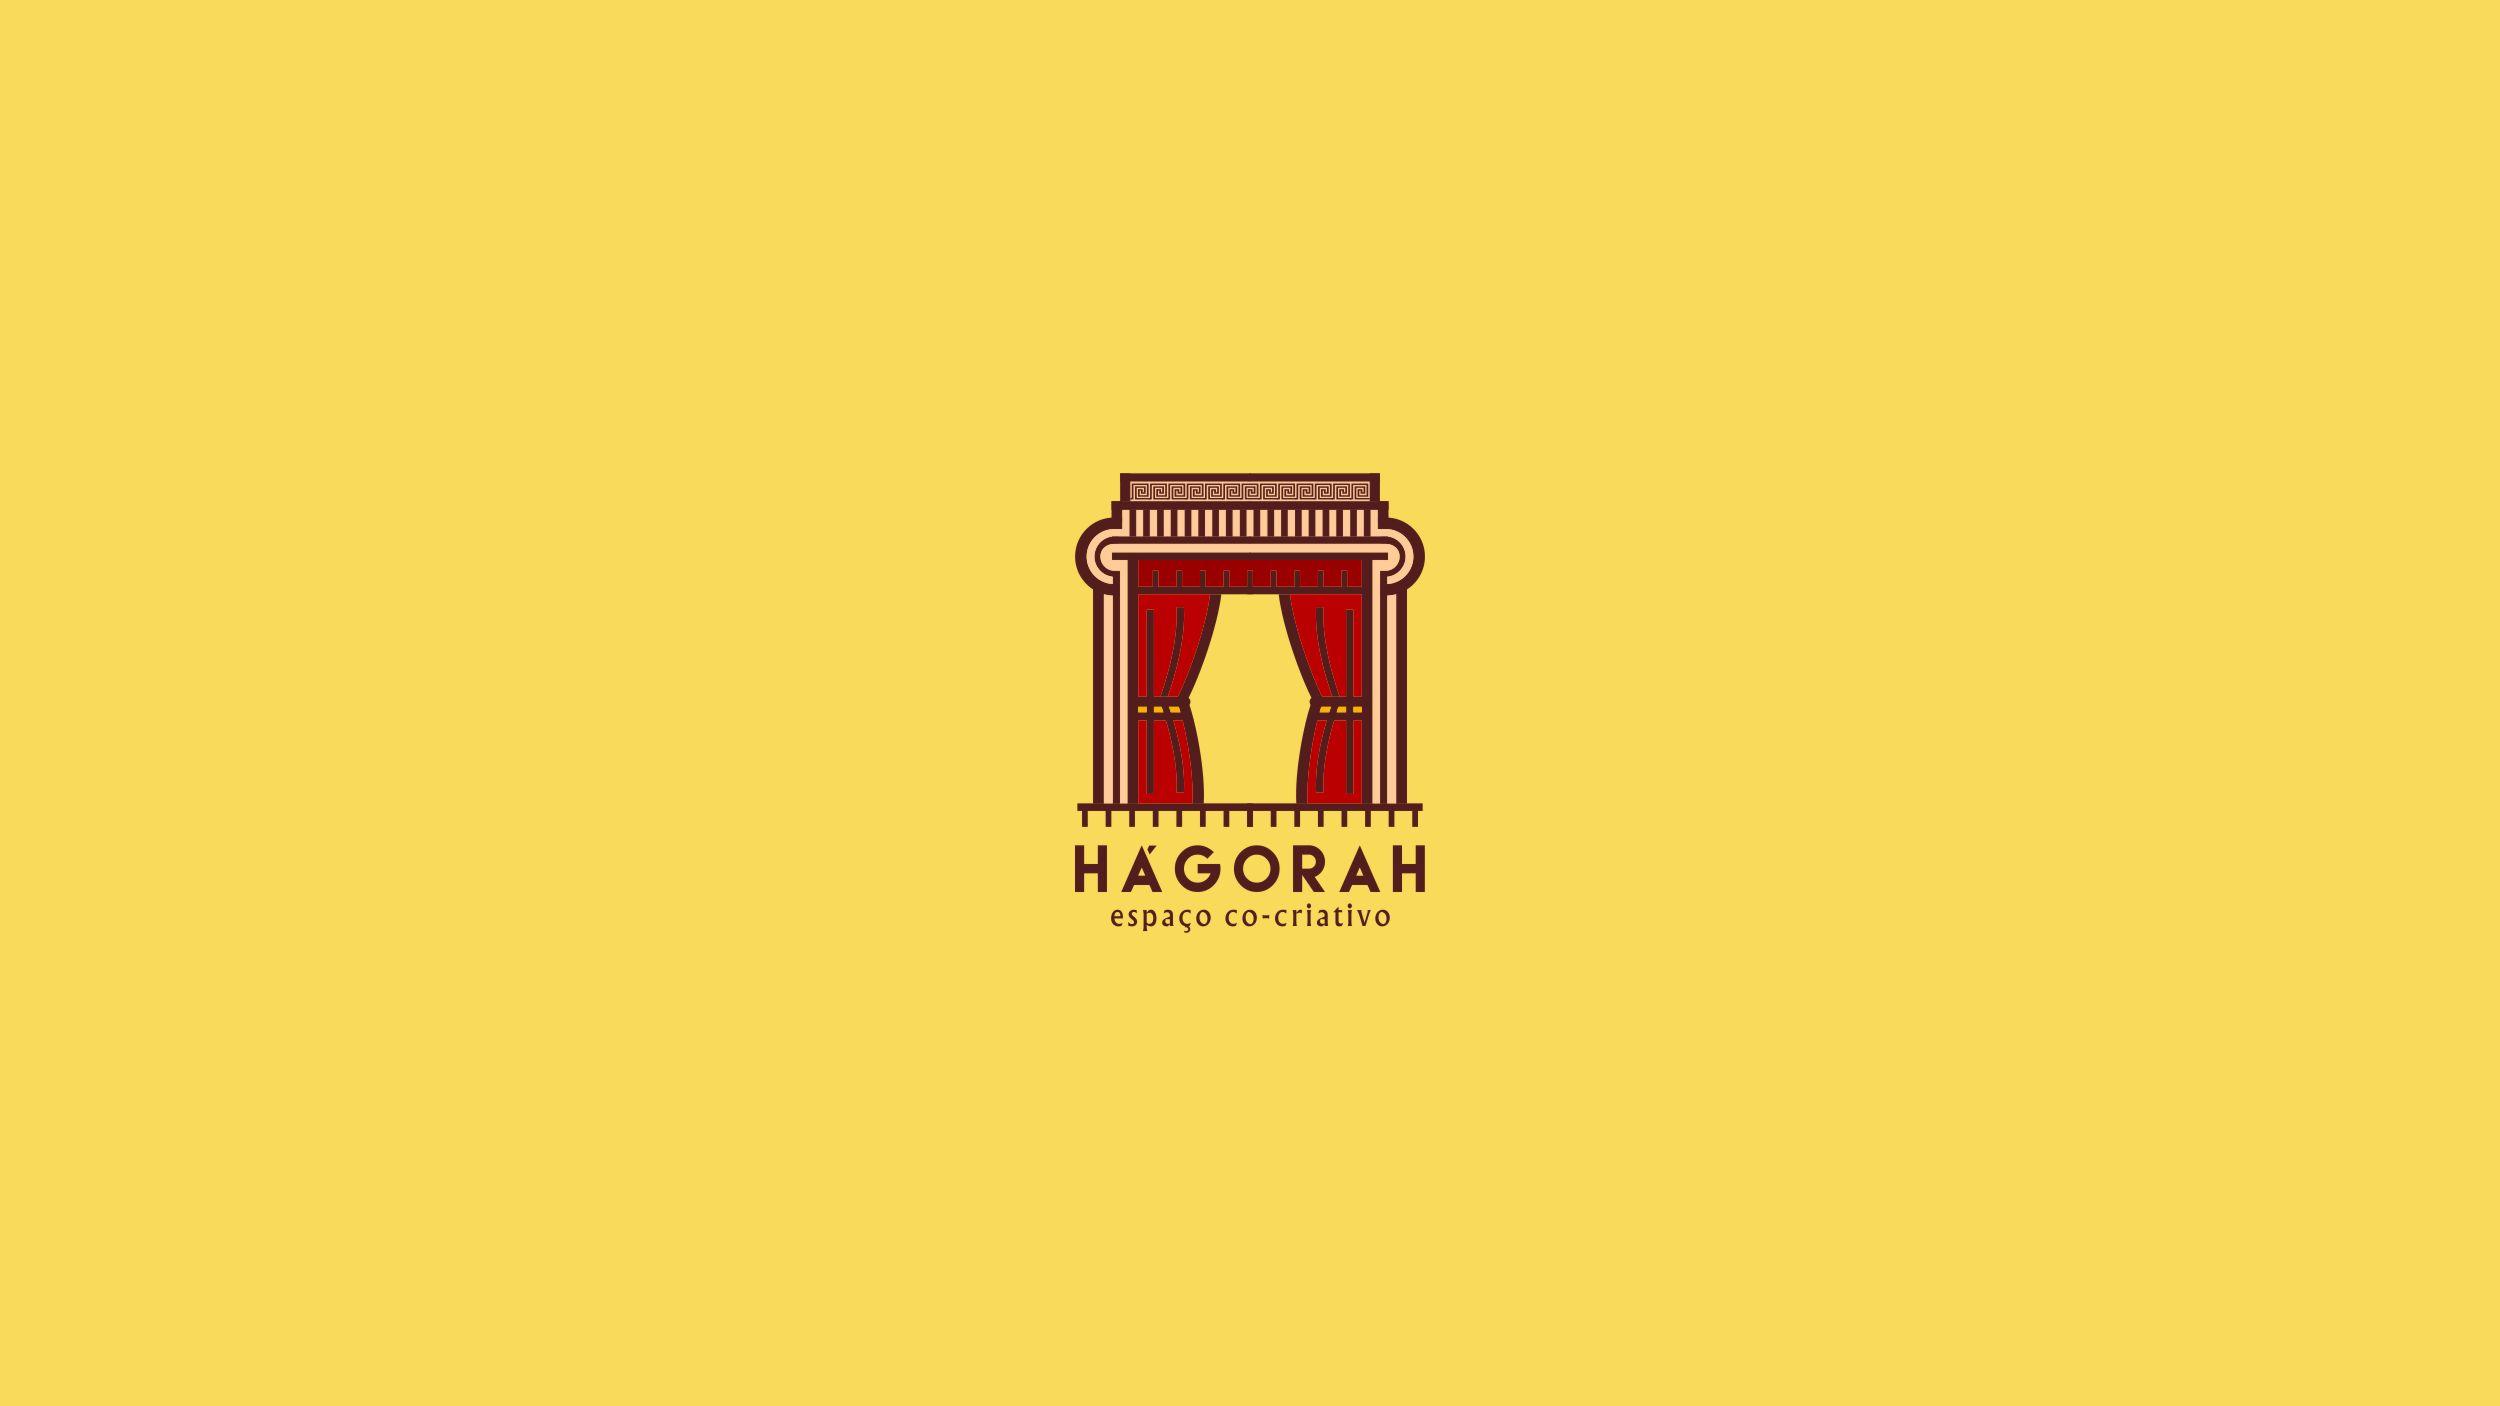 Hágorah